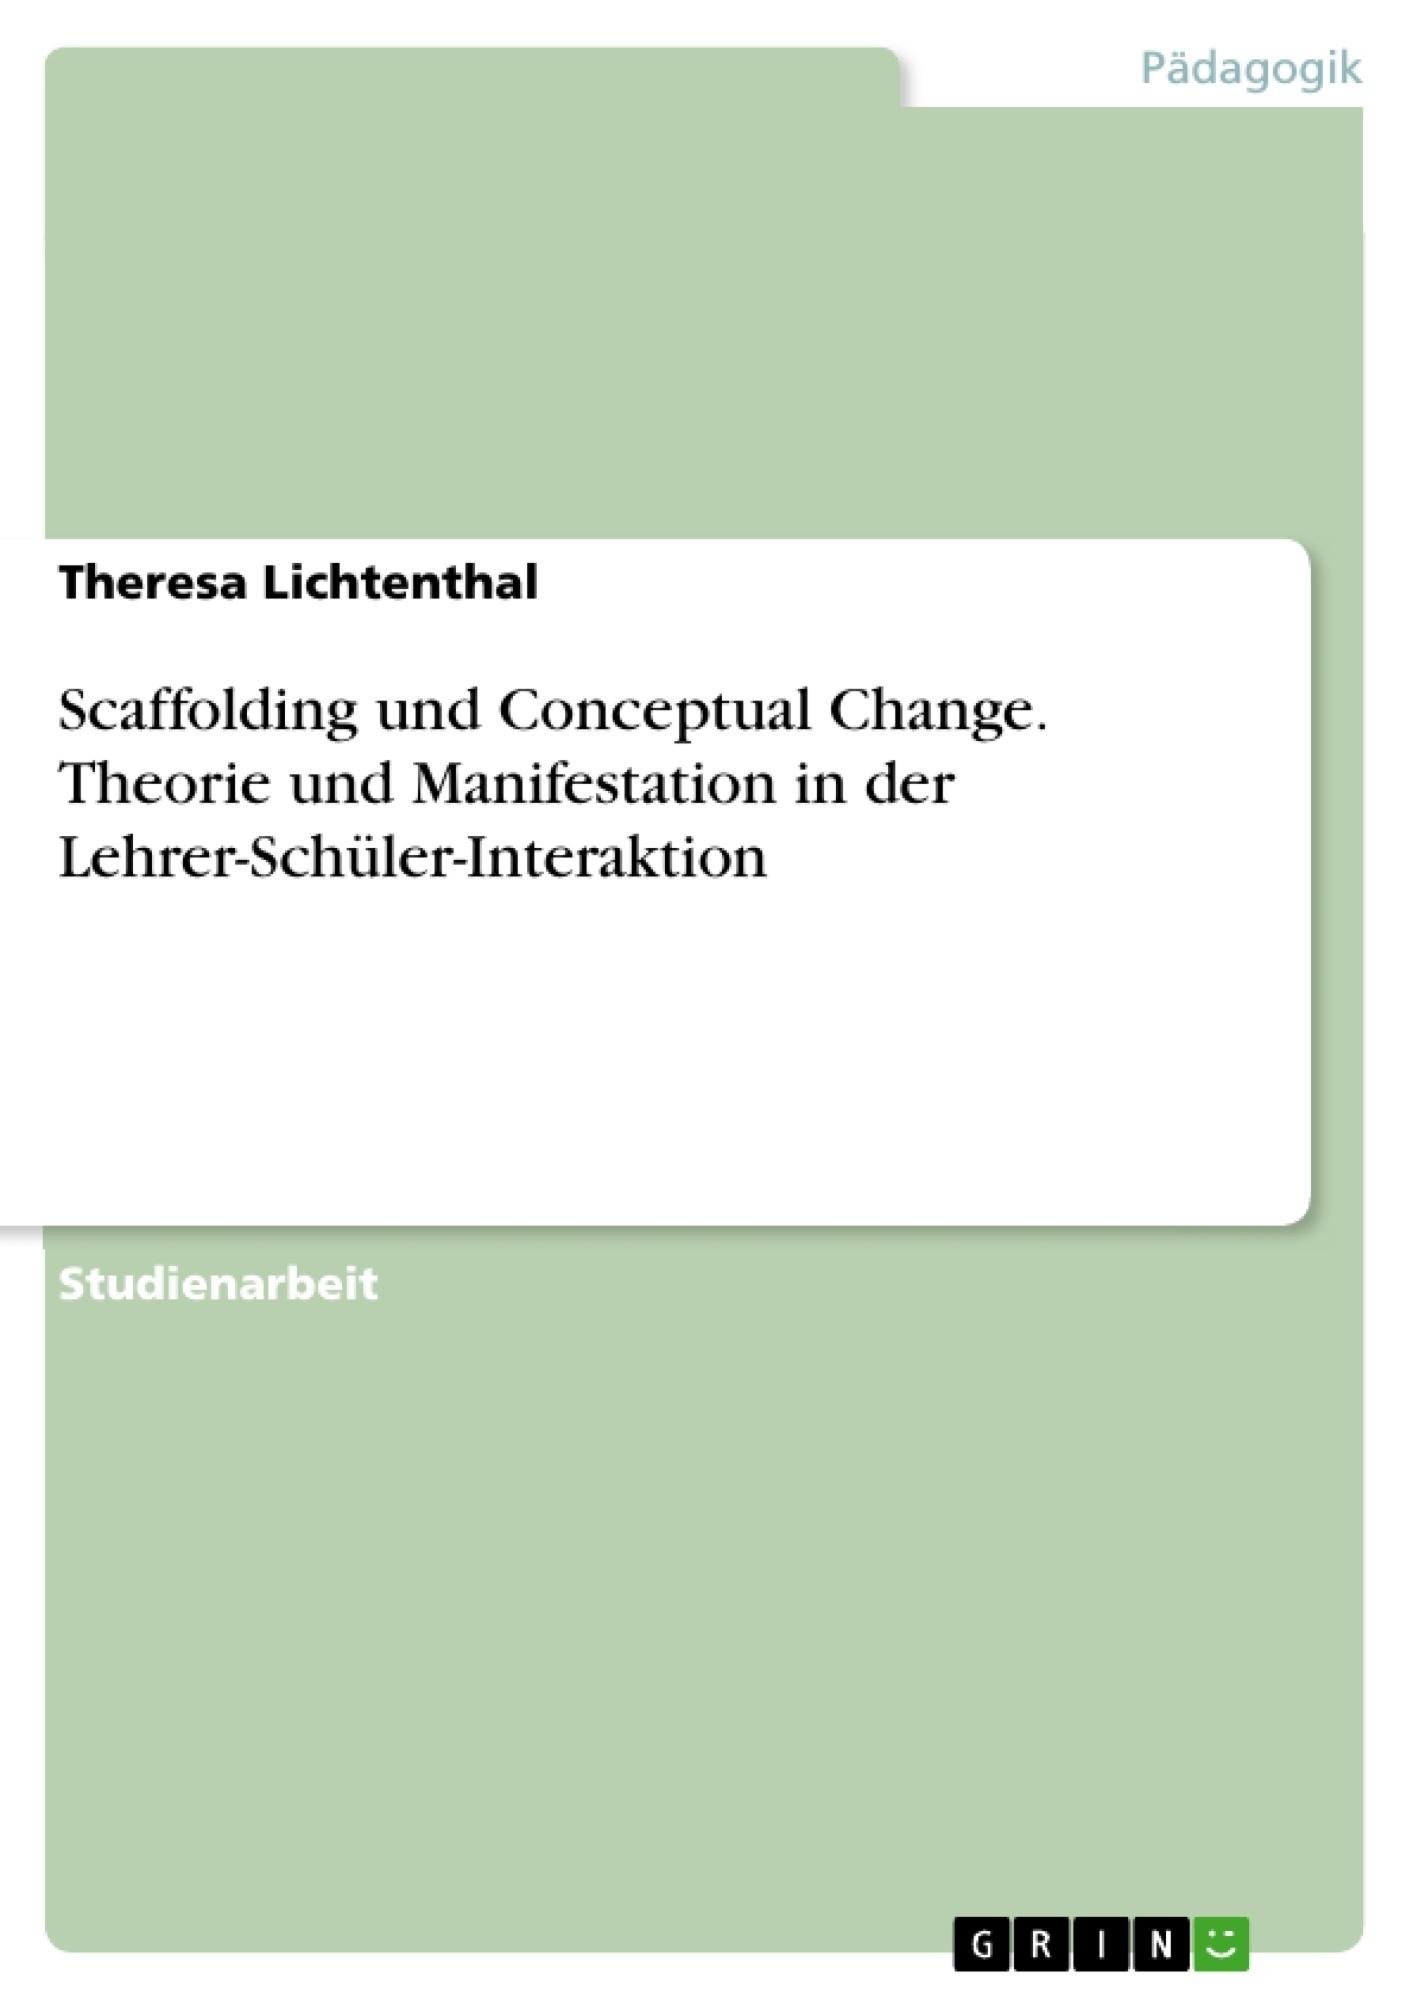 Titel: Scaffolding und Conceptual Change. Theorie und Manifestation in der Lehrer-Schüler-Interaktion